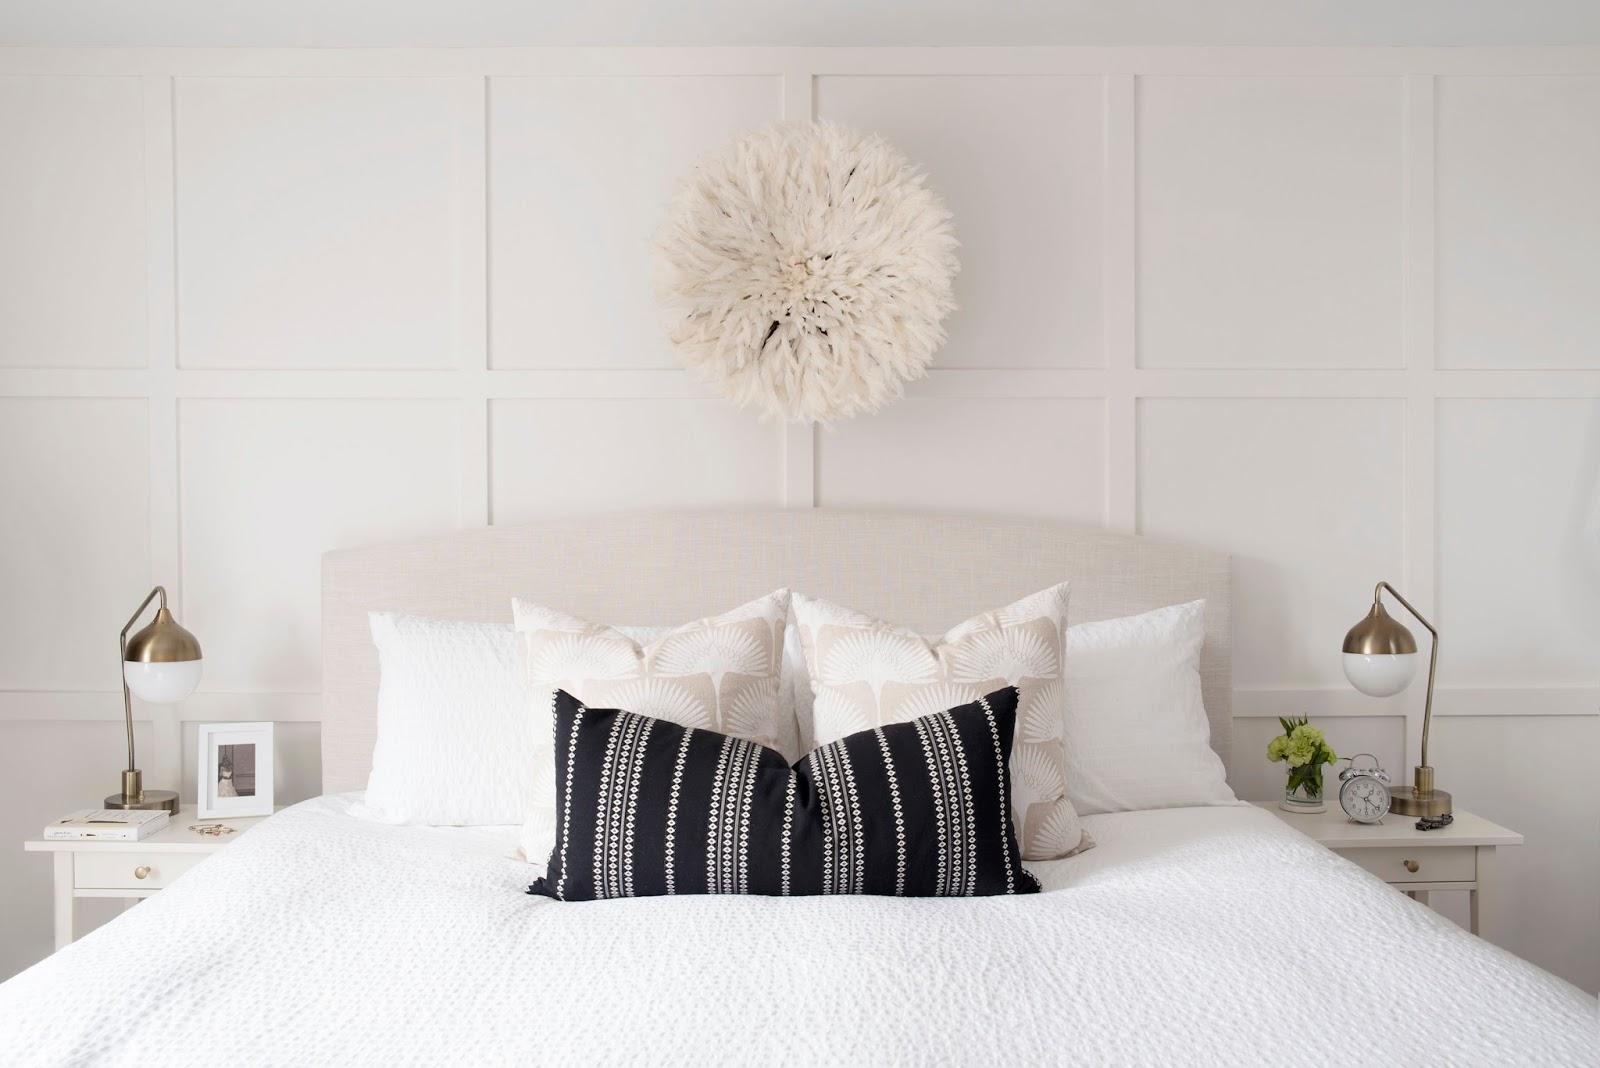 One Room Challenge Master Bedroom Week 6 The Reveal Diy